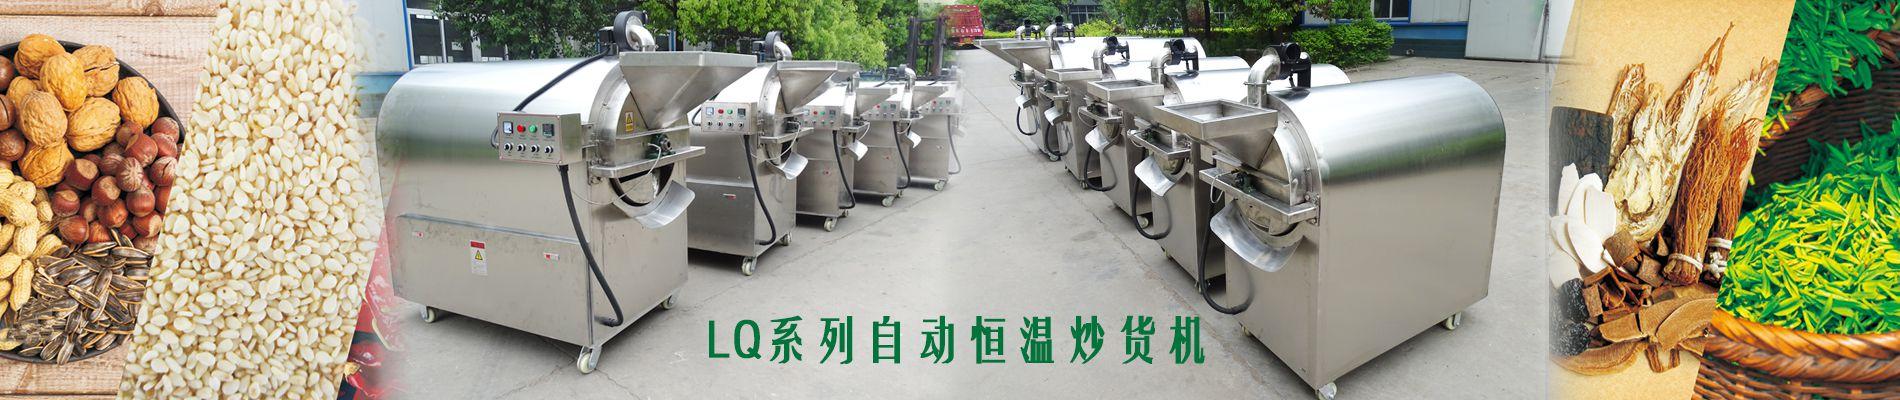 五谷杂粮炒货机